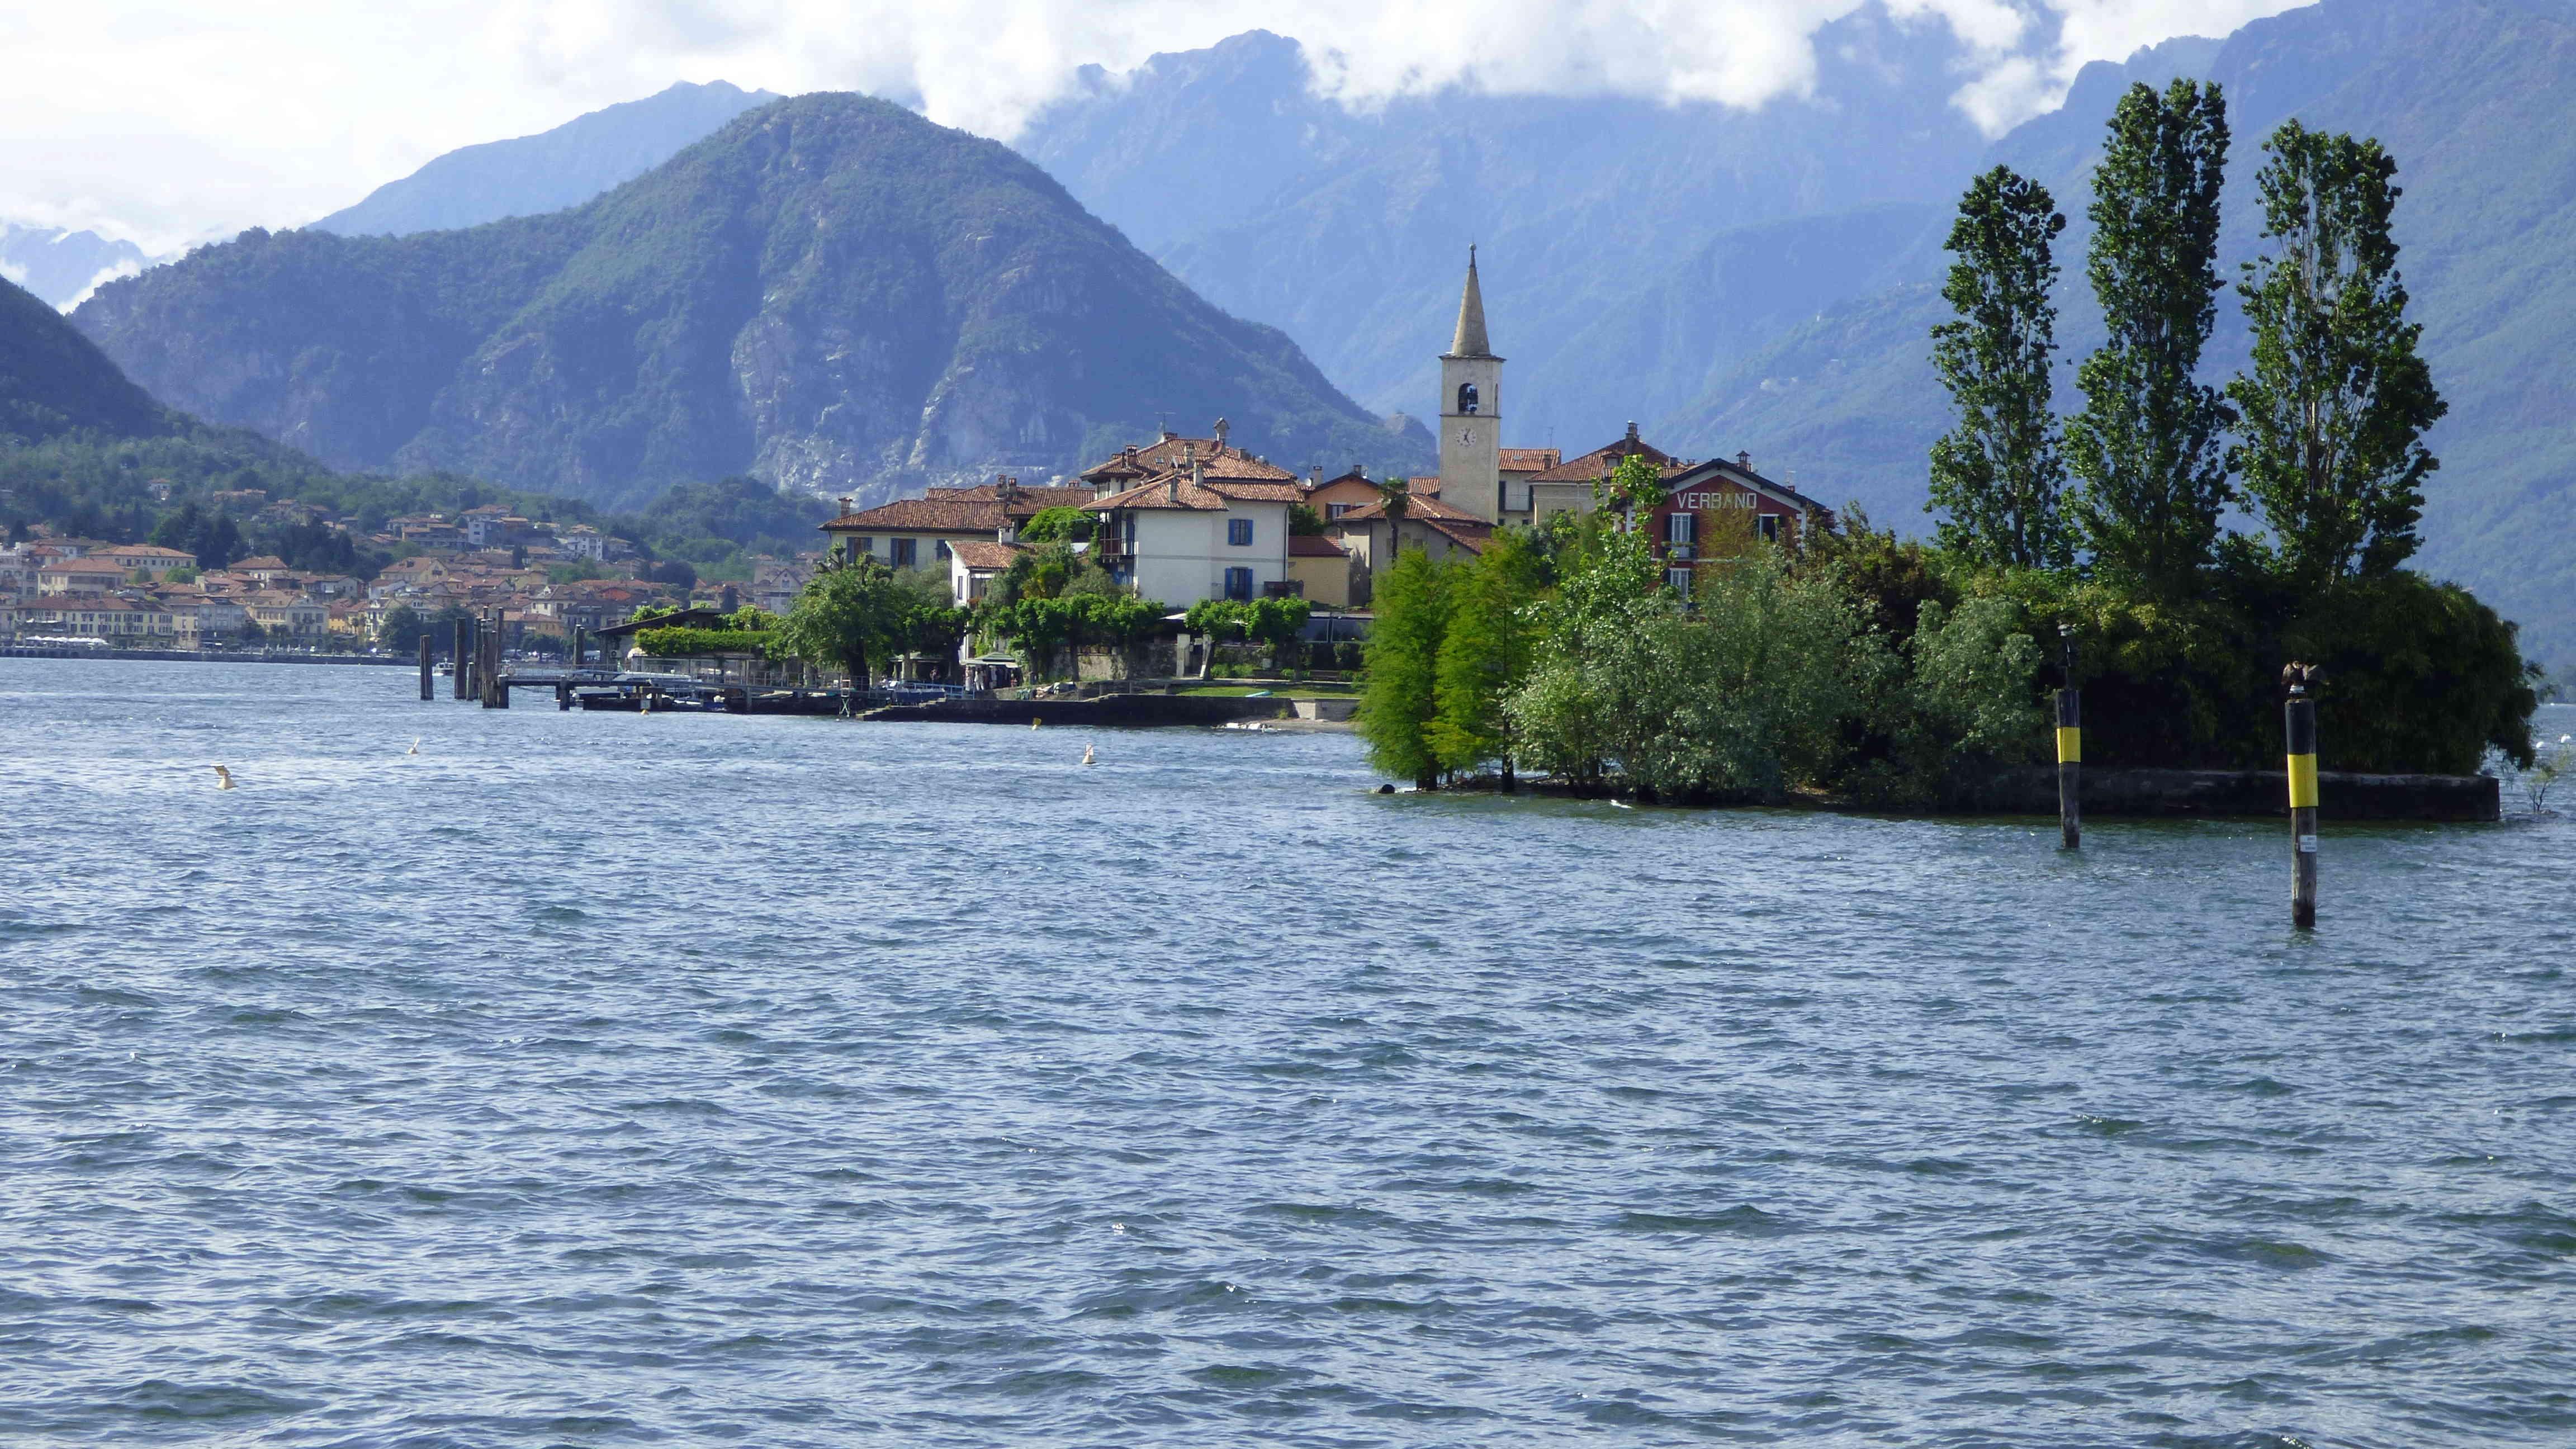 Au retour de vacances dans la région des lacs Italiens P1030120